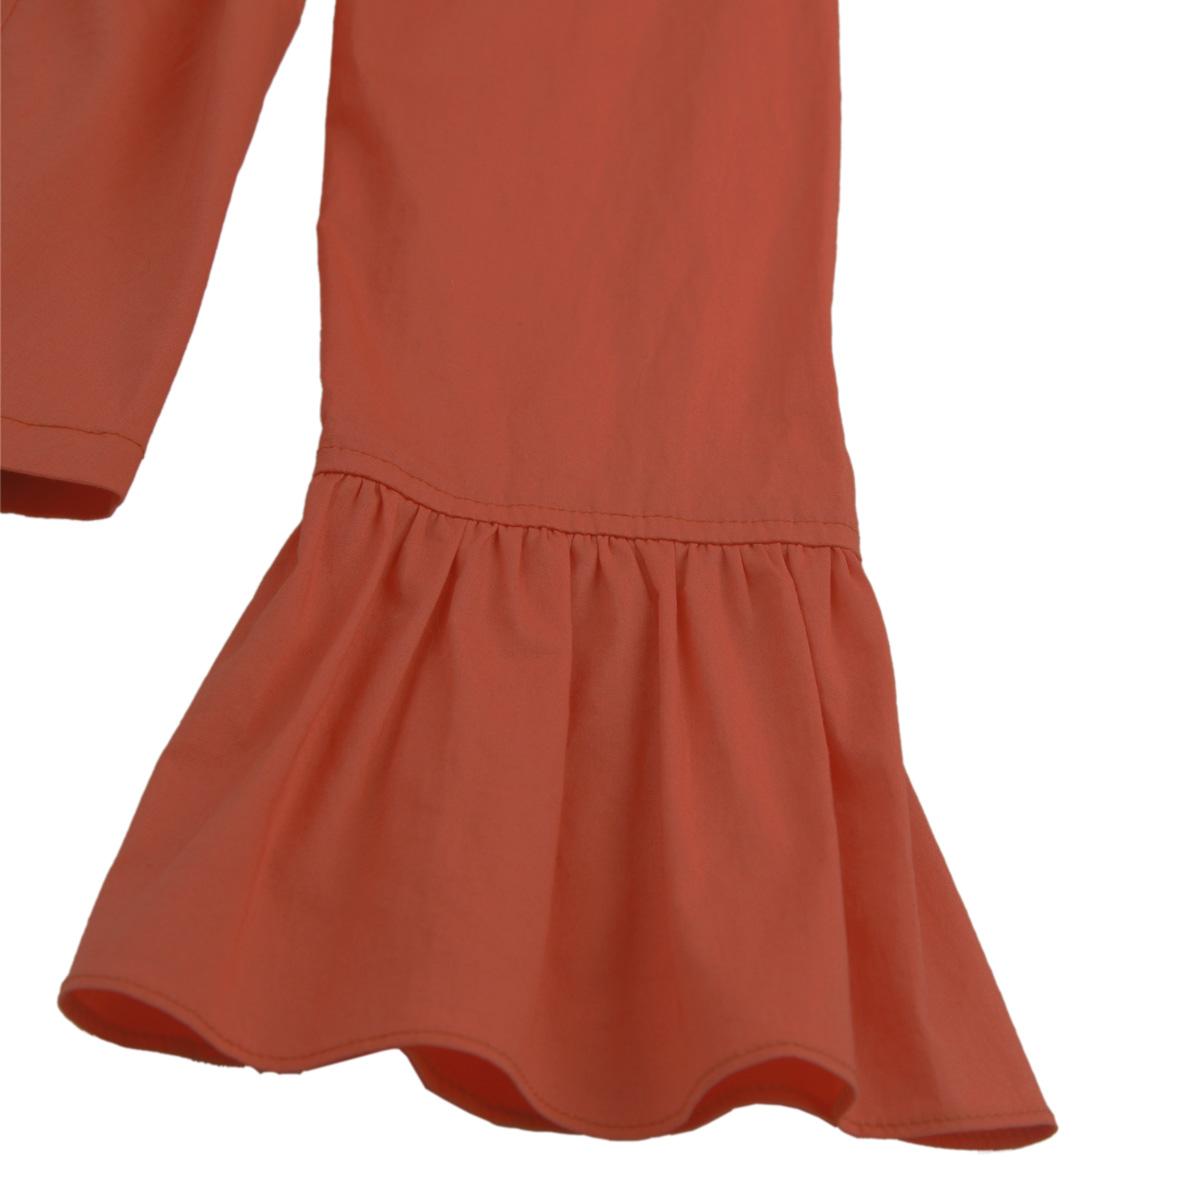 женская рубашка OSA sc00215 2011 OL C00215 Casual Длинный рукав Однотонный цвет